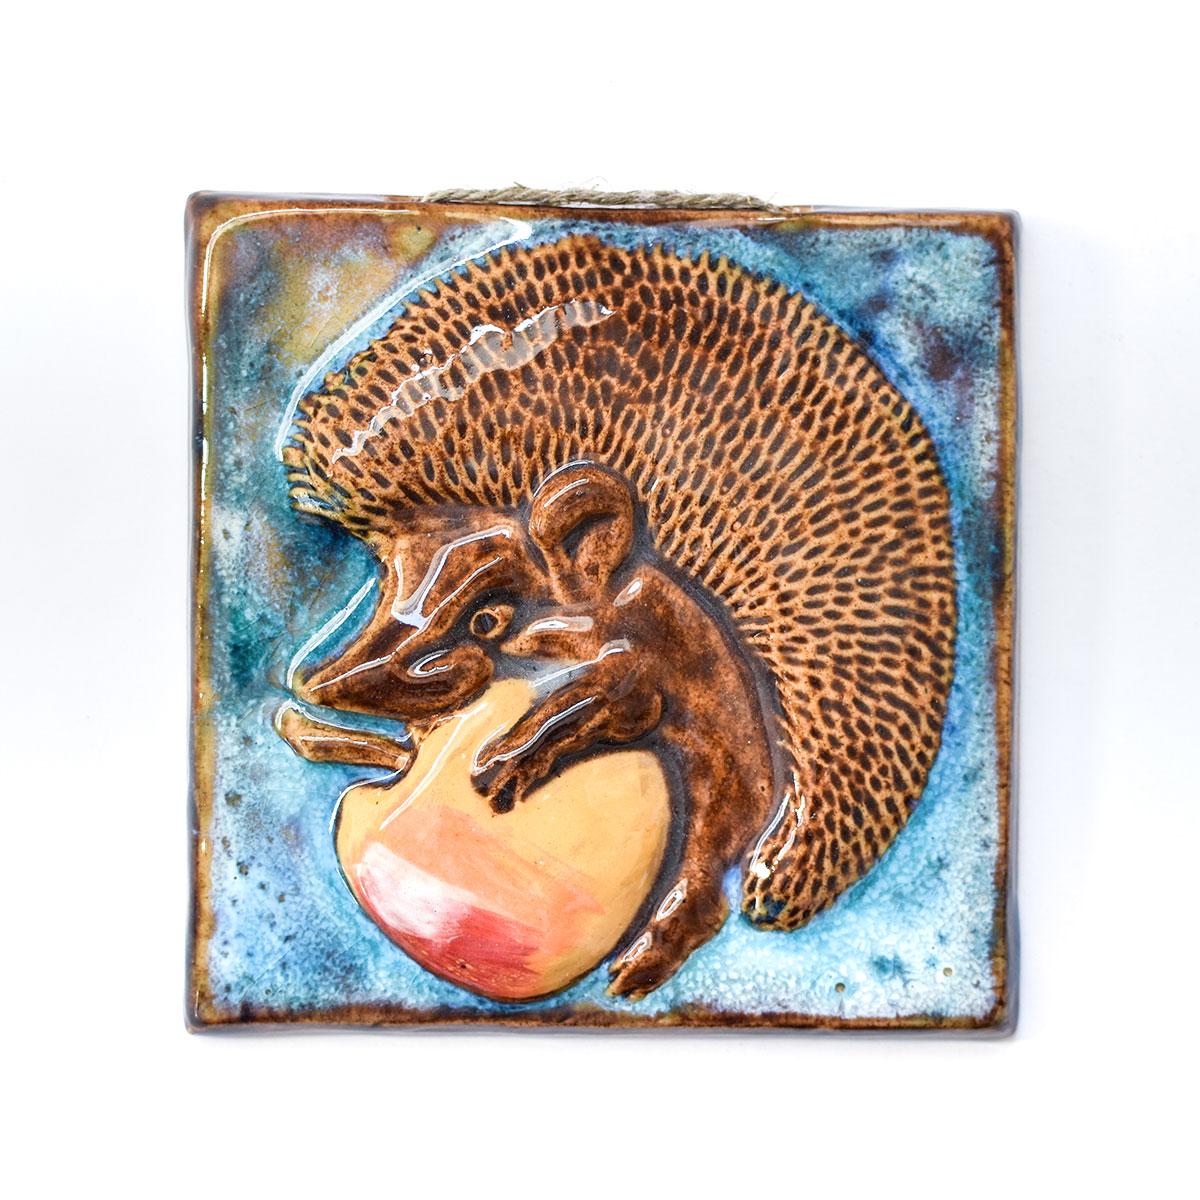 """картинка Изразец ручной работы """"Ежик с яблоком"""" 2 - DishWishes.Ru"""